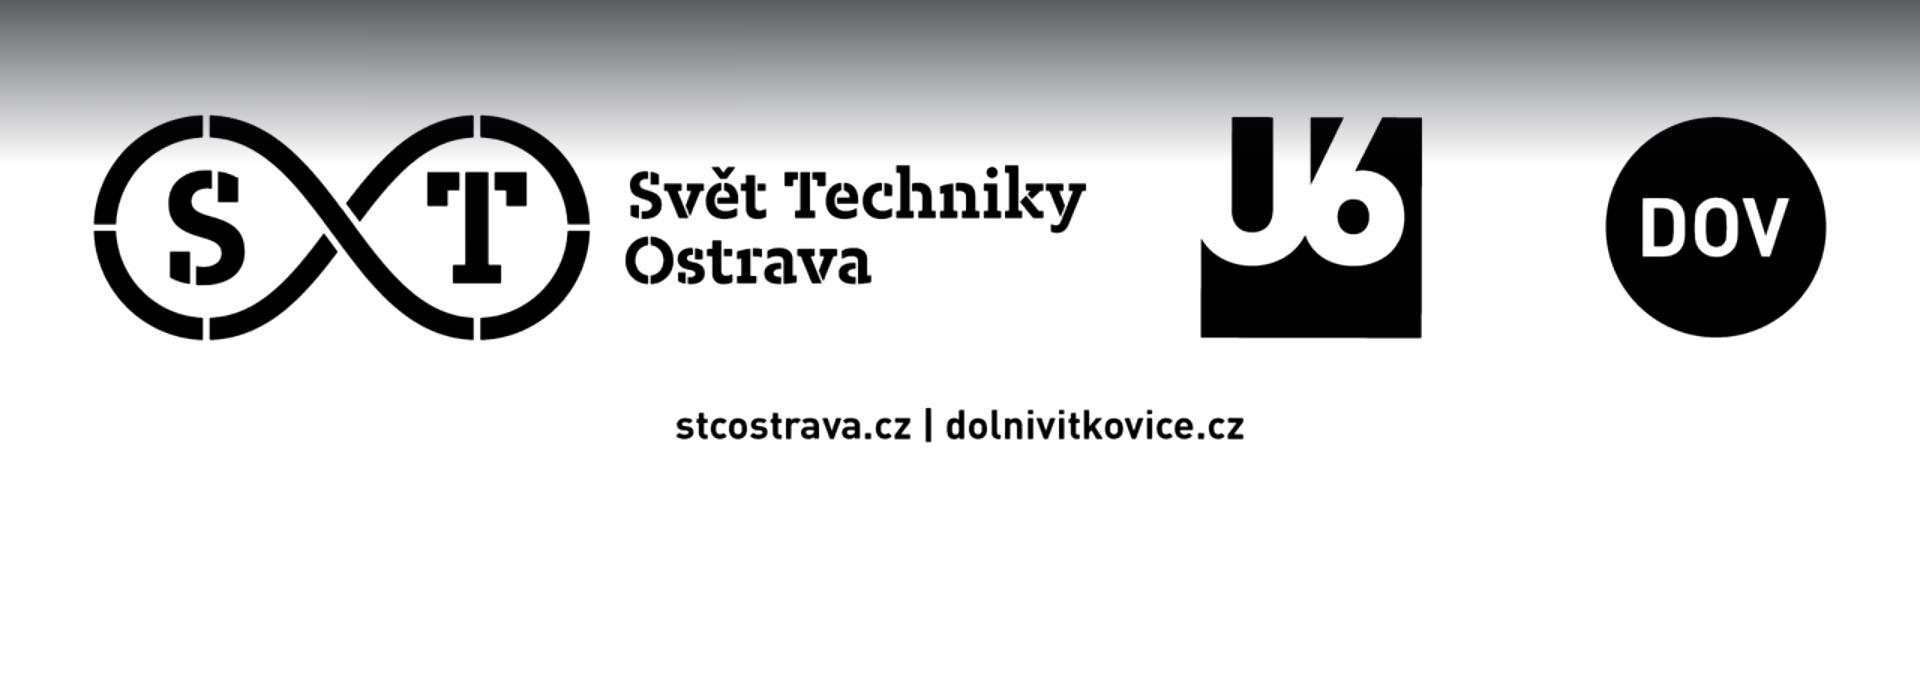 Dolní oblast Vítkovice, Hlubina a Landek